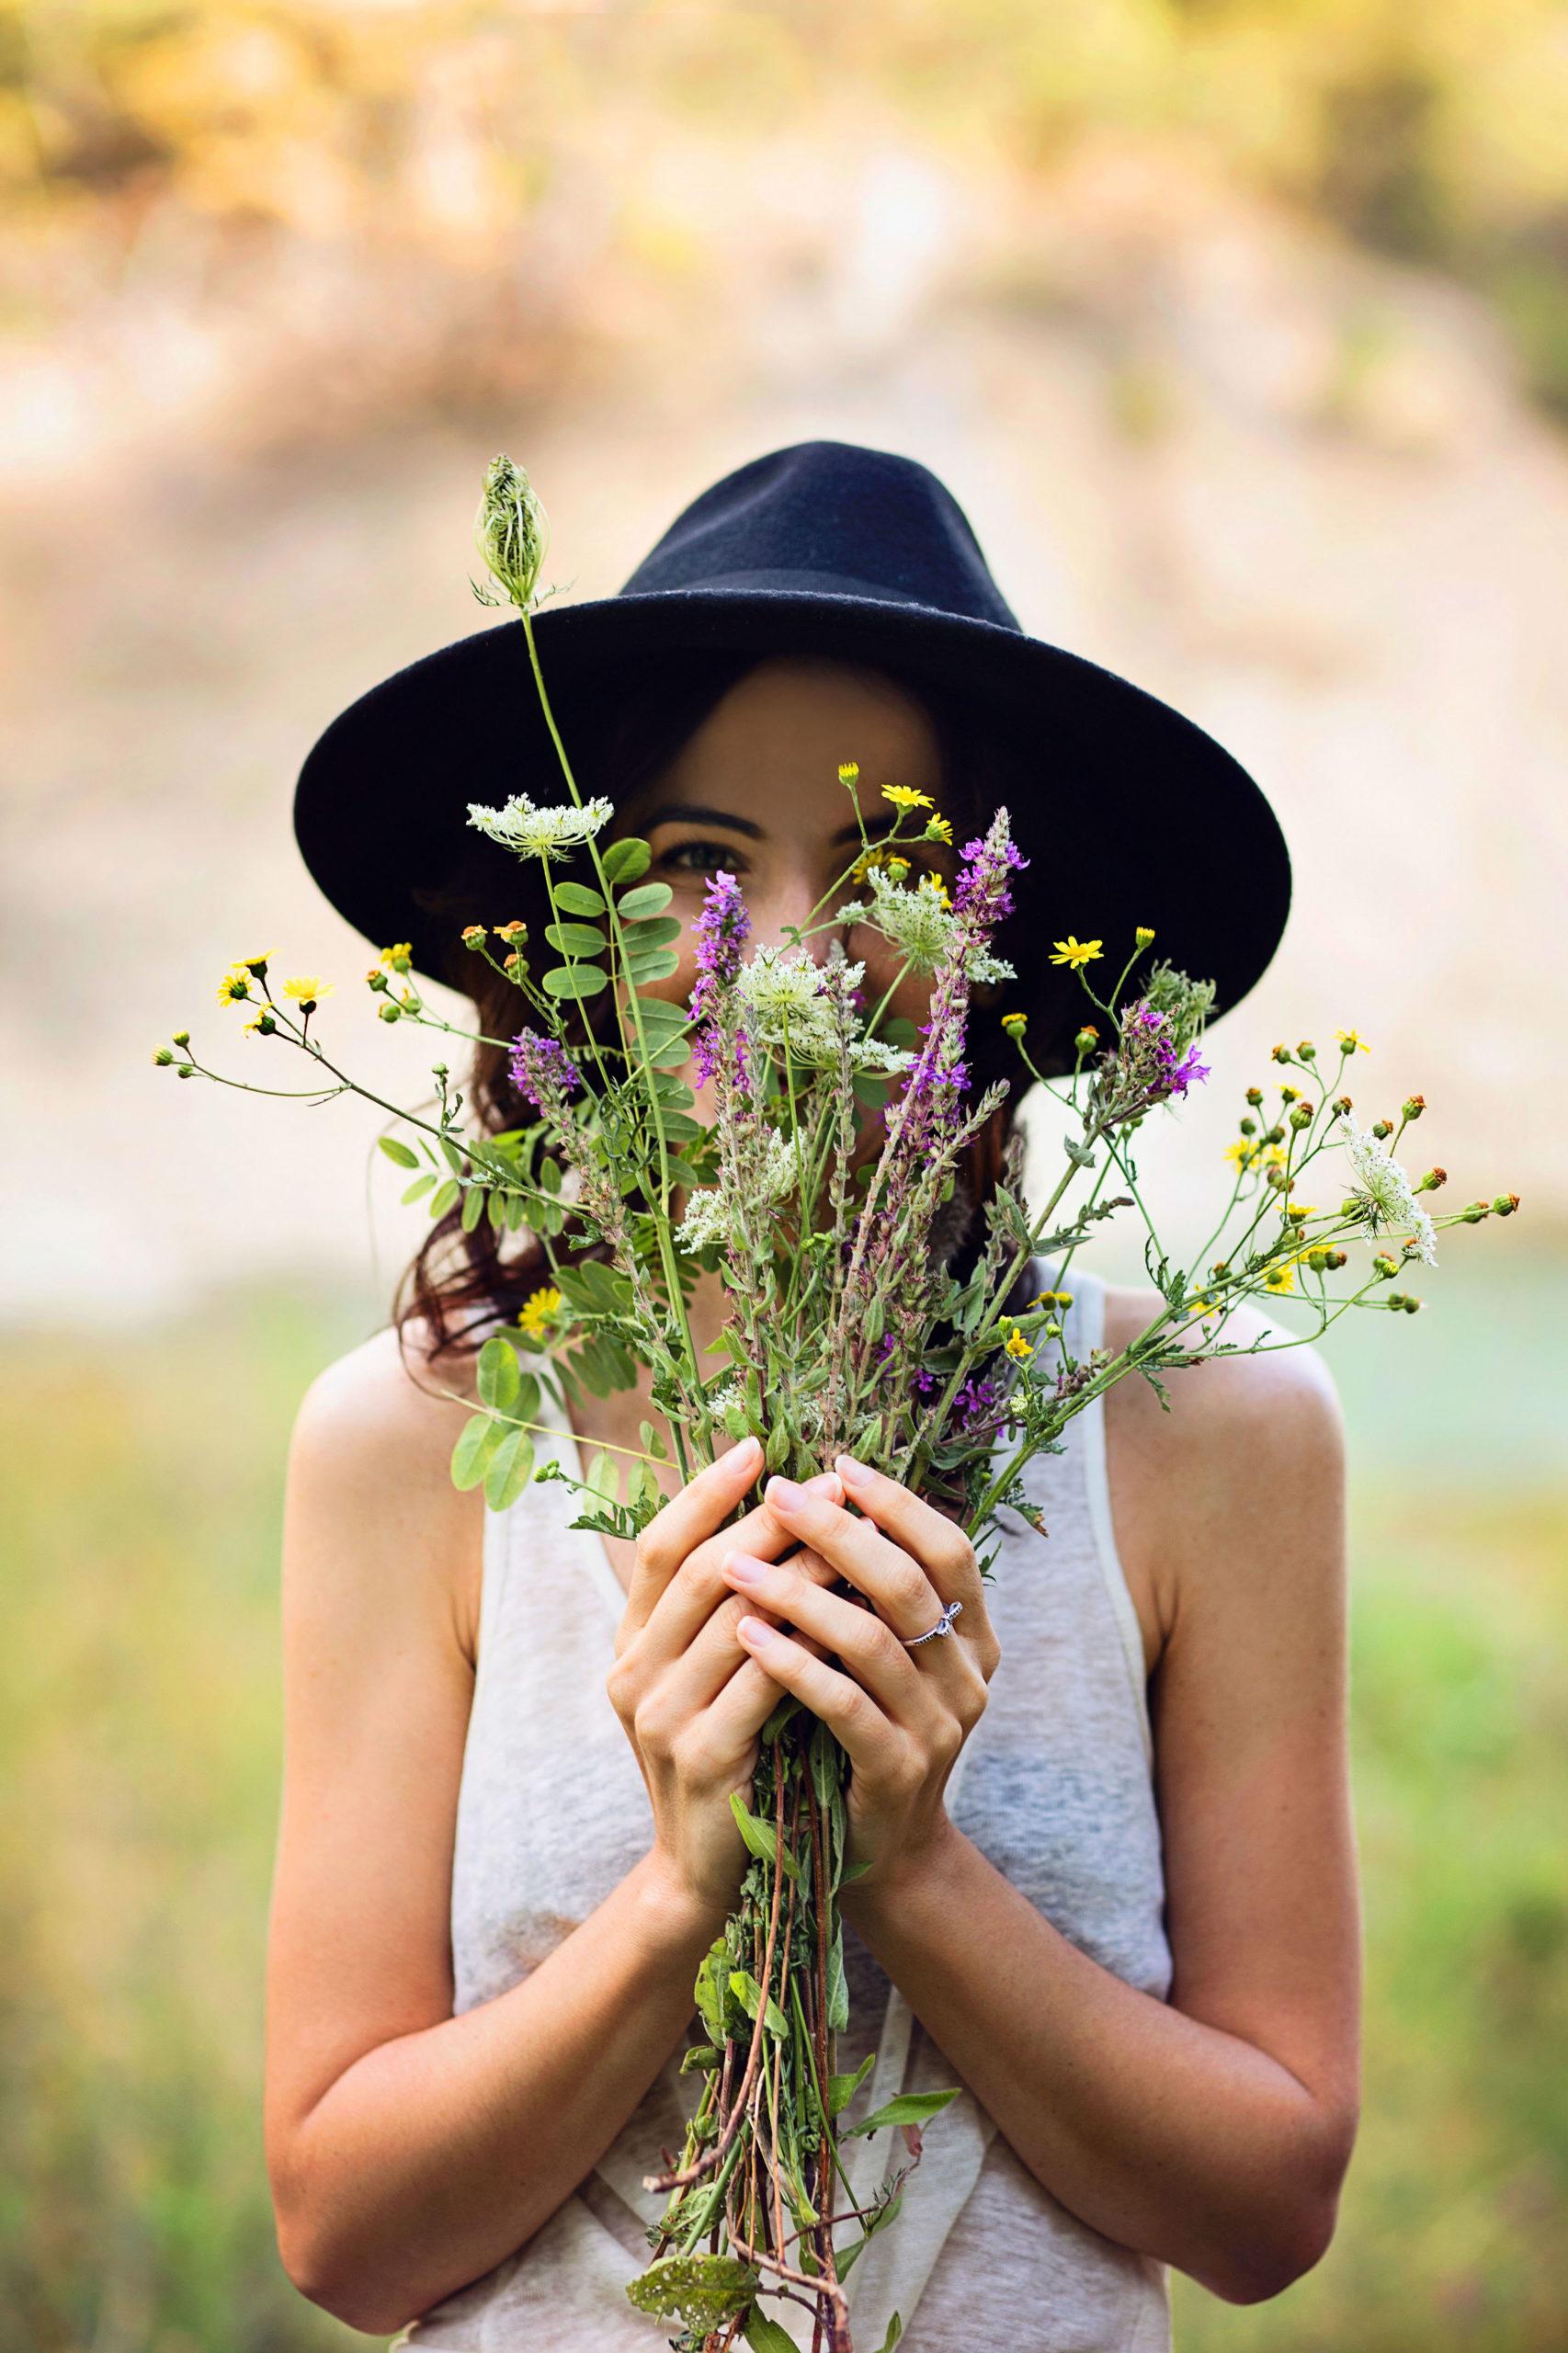 Junge Frau schaut durch einen Blumenstrauss - Probiotika gegen Heuschnupfen